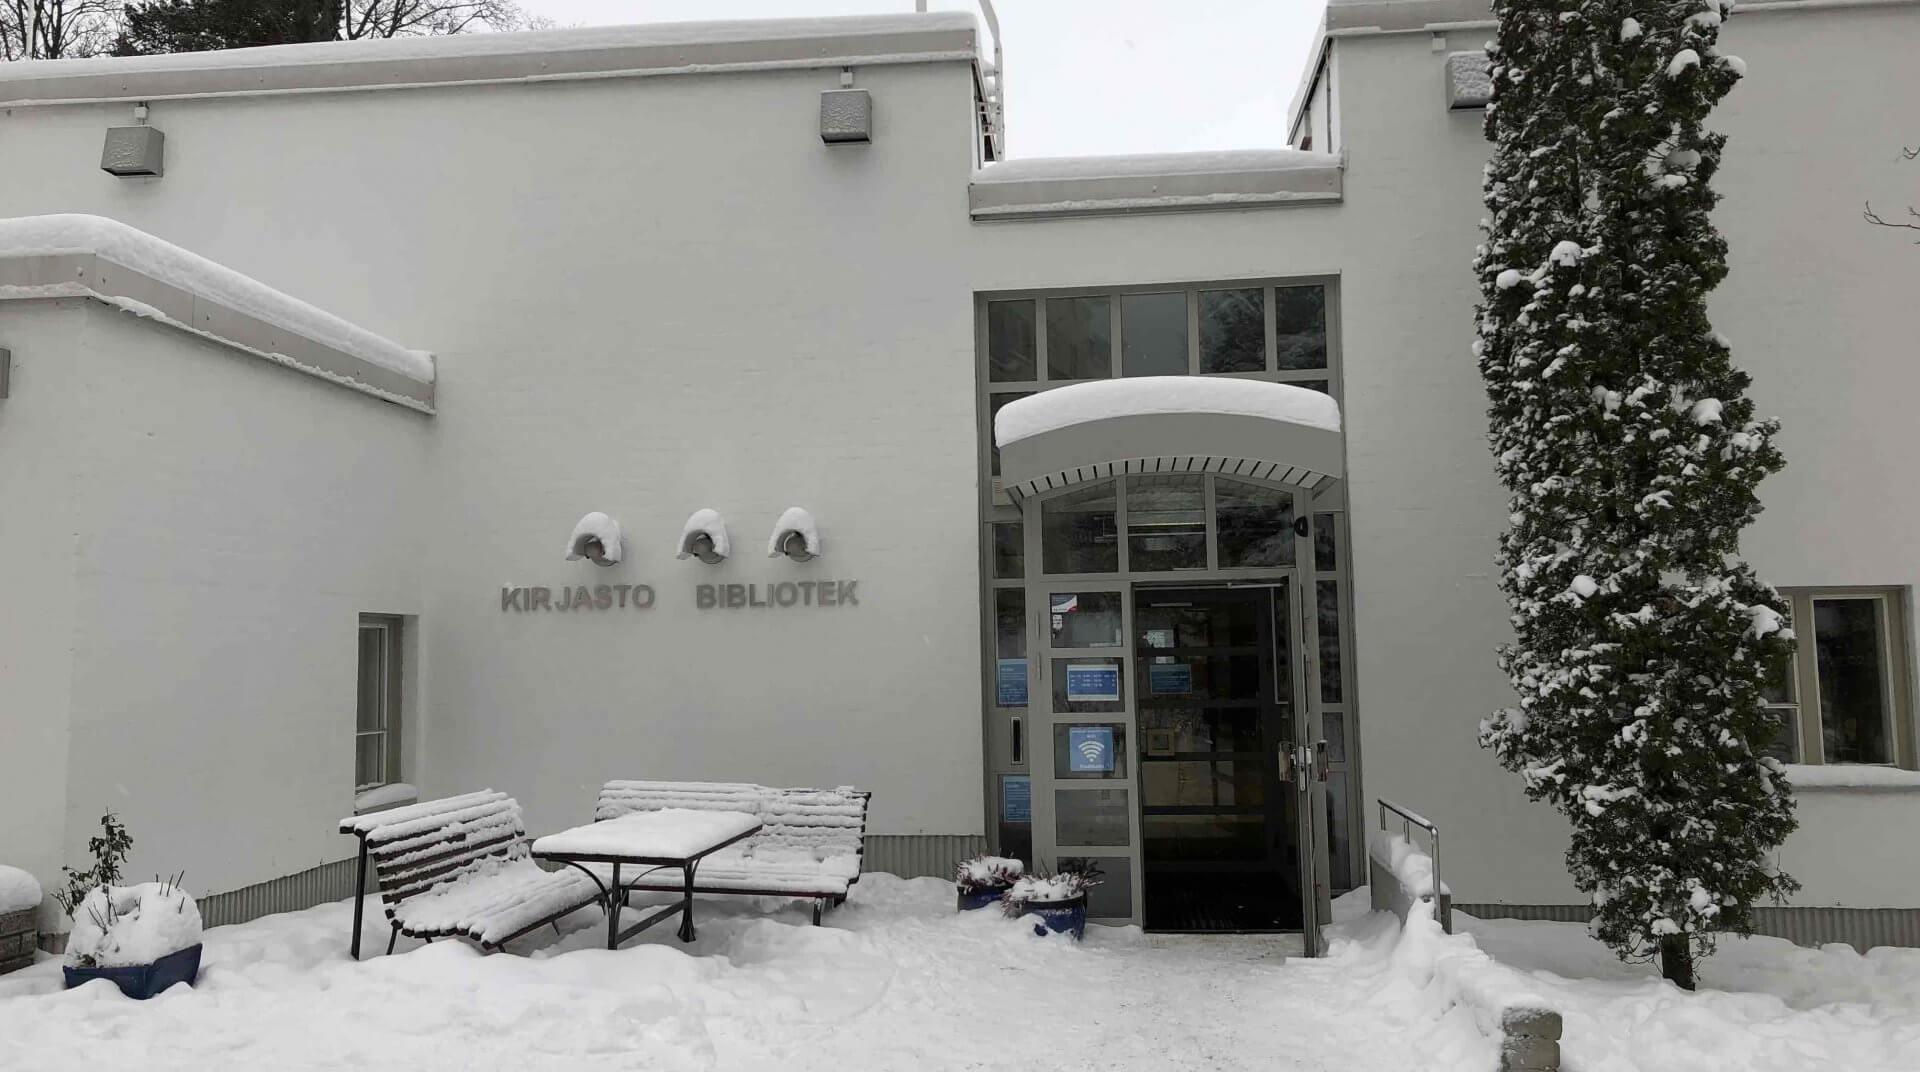 アアルト・ハウスの隣にある図書館が目印になる